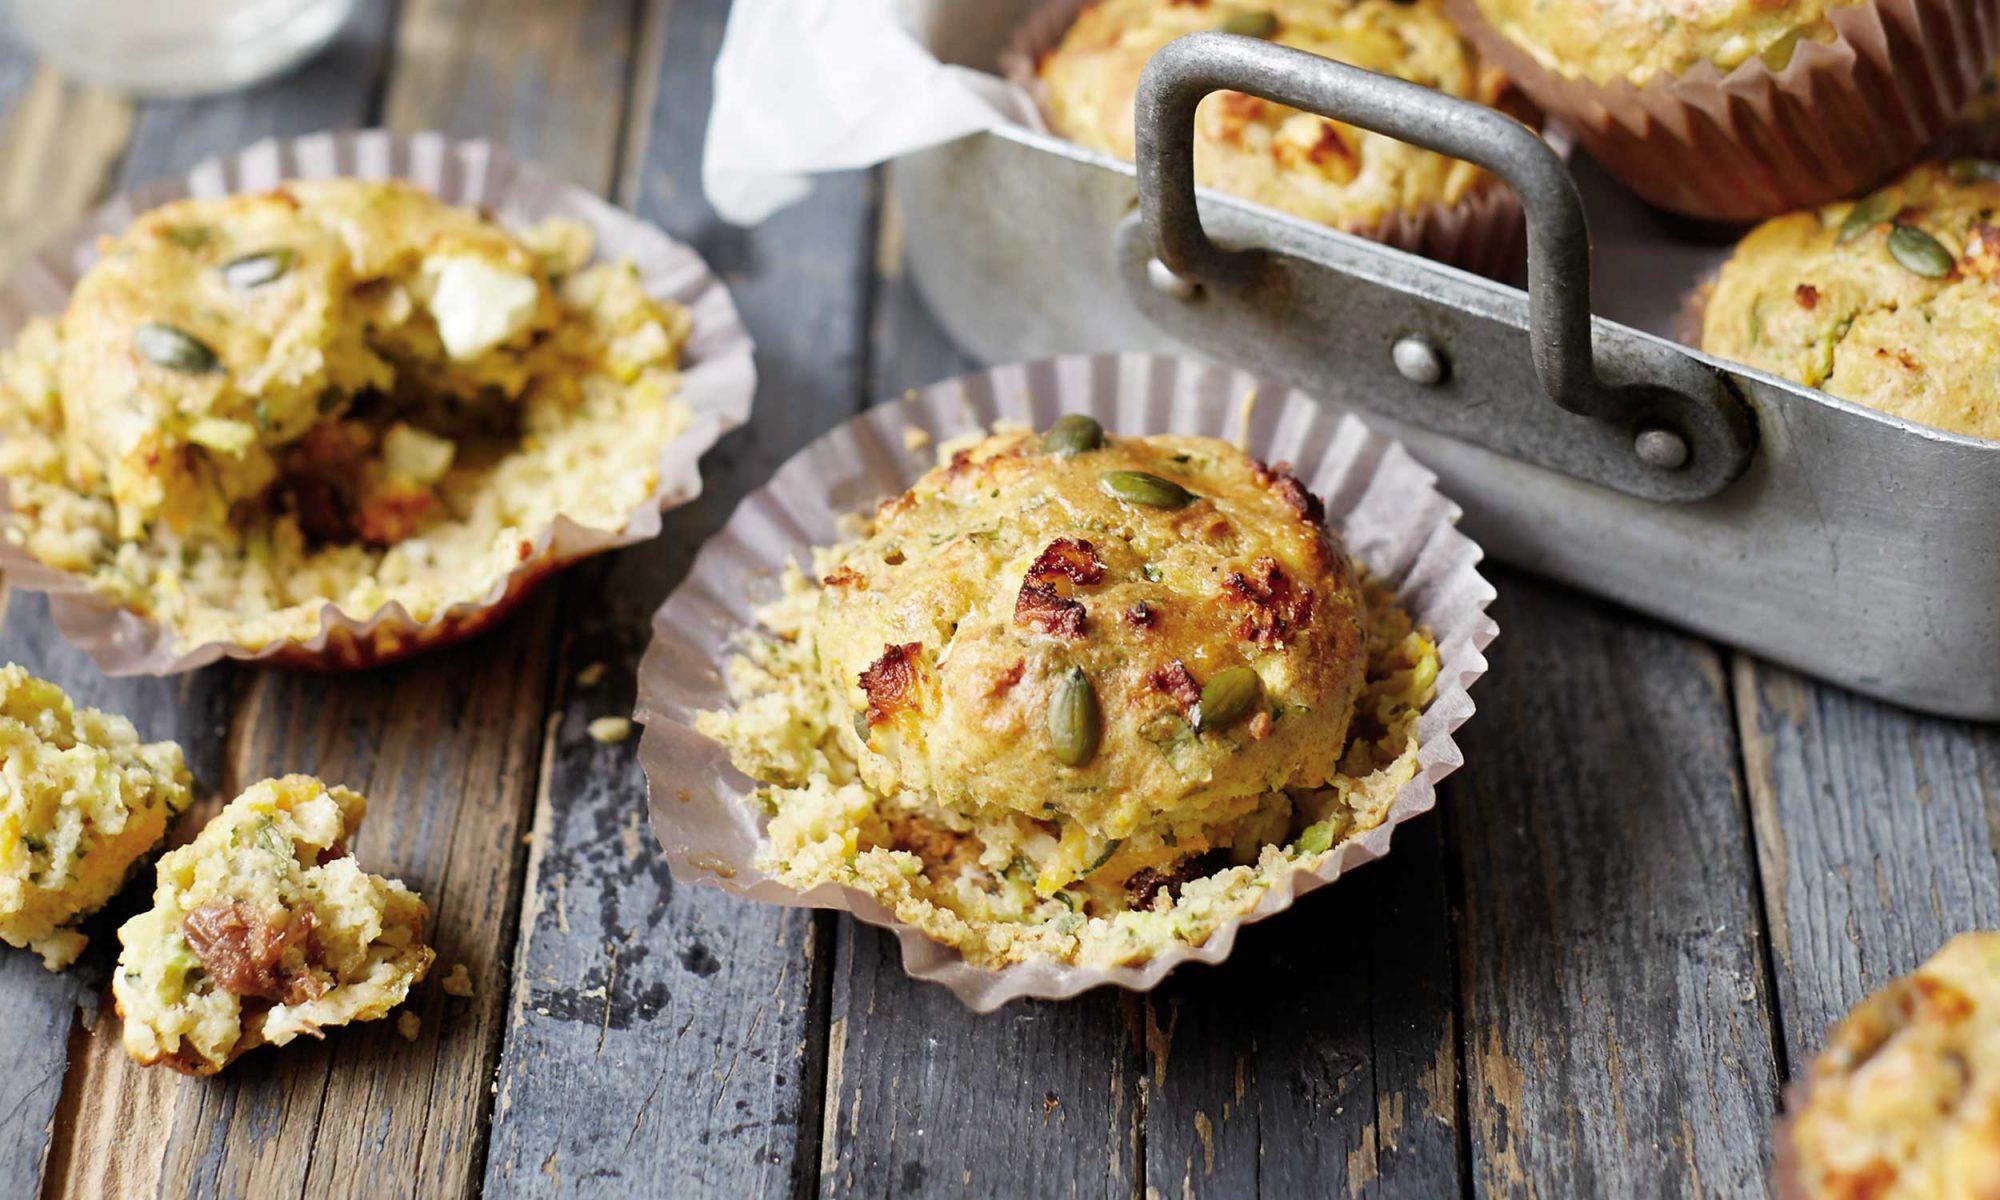 Savory Zucchini and Feta Muffins